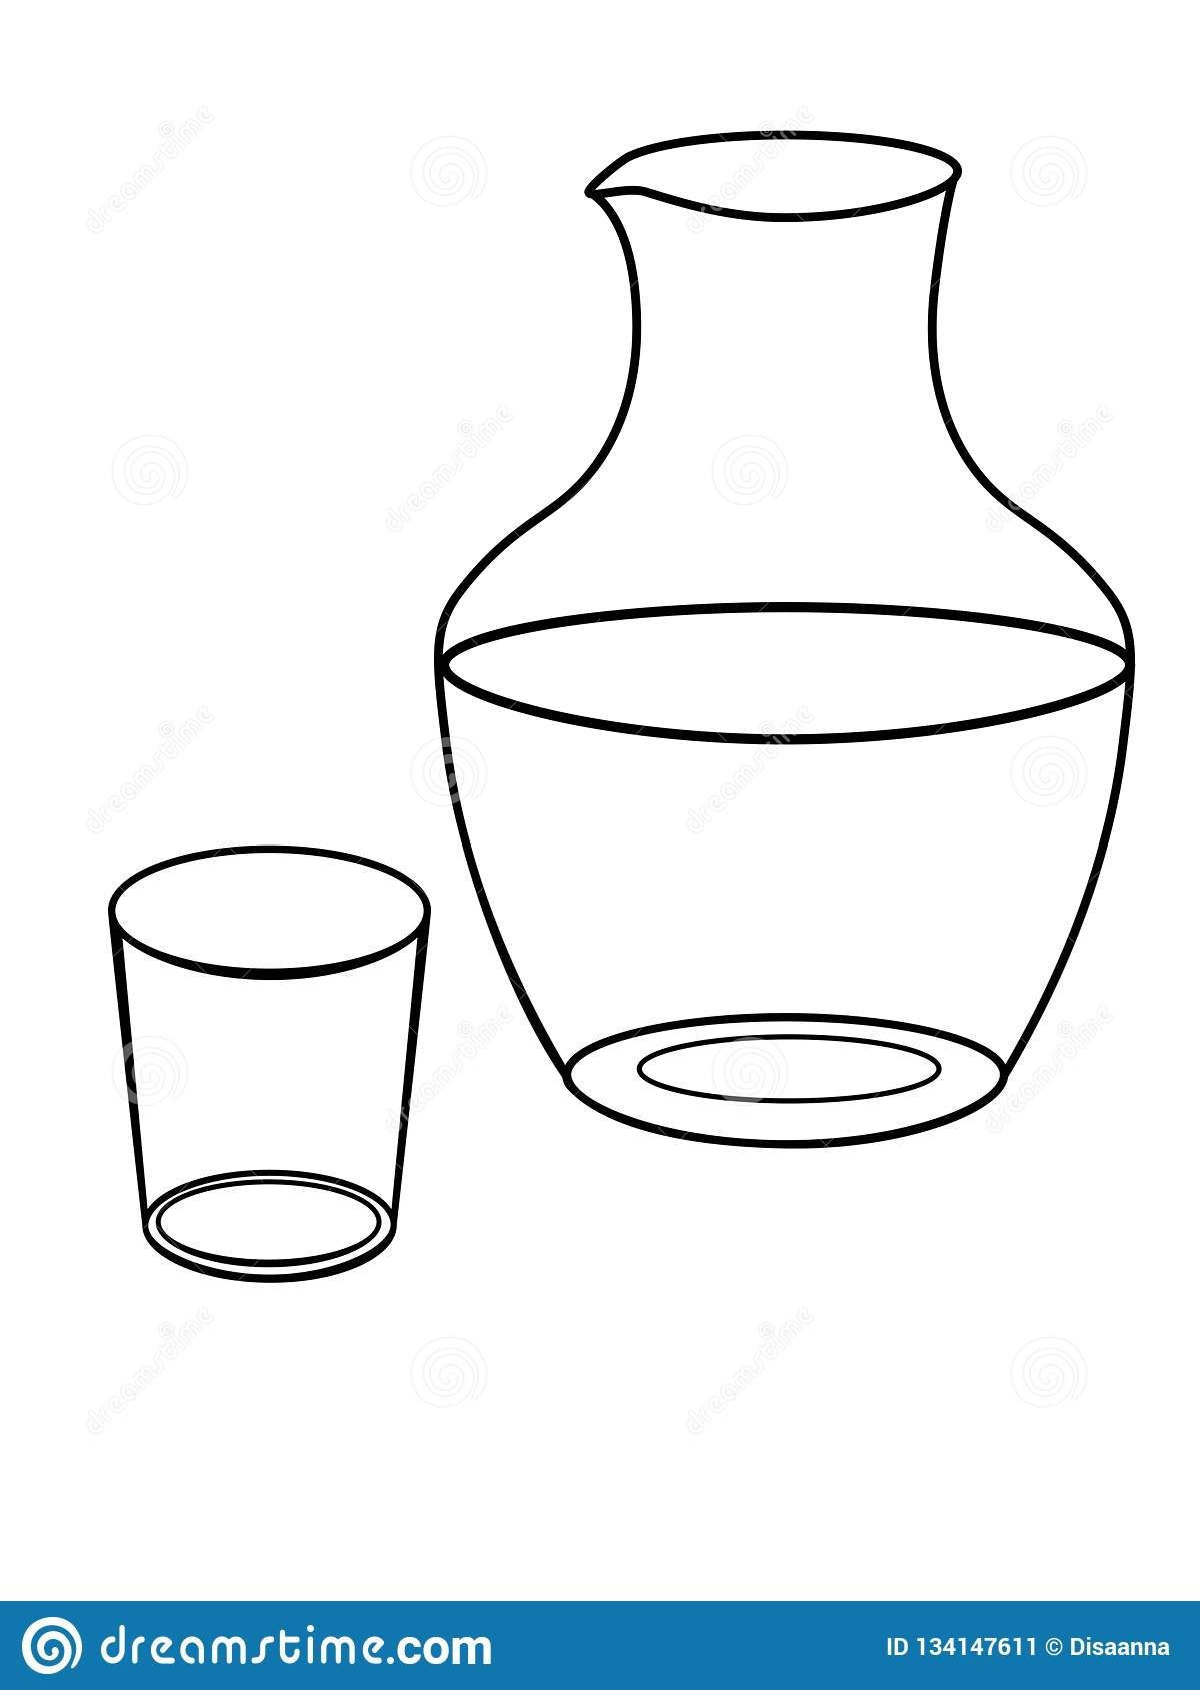 Jarro E Um Vidro Para A Agua Pratos Filtro De Vidro E Desenho